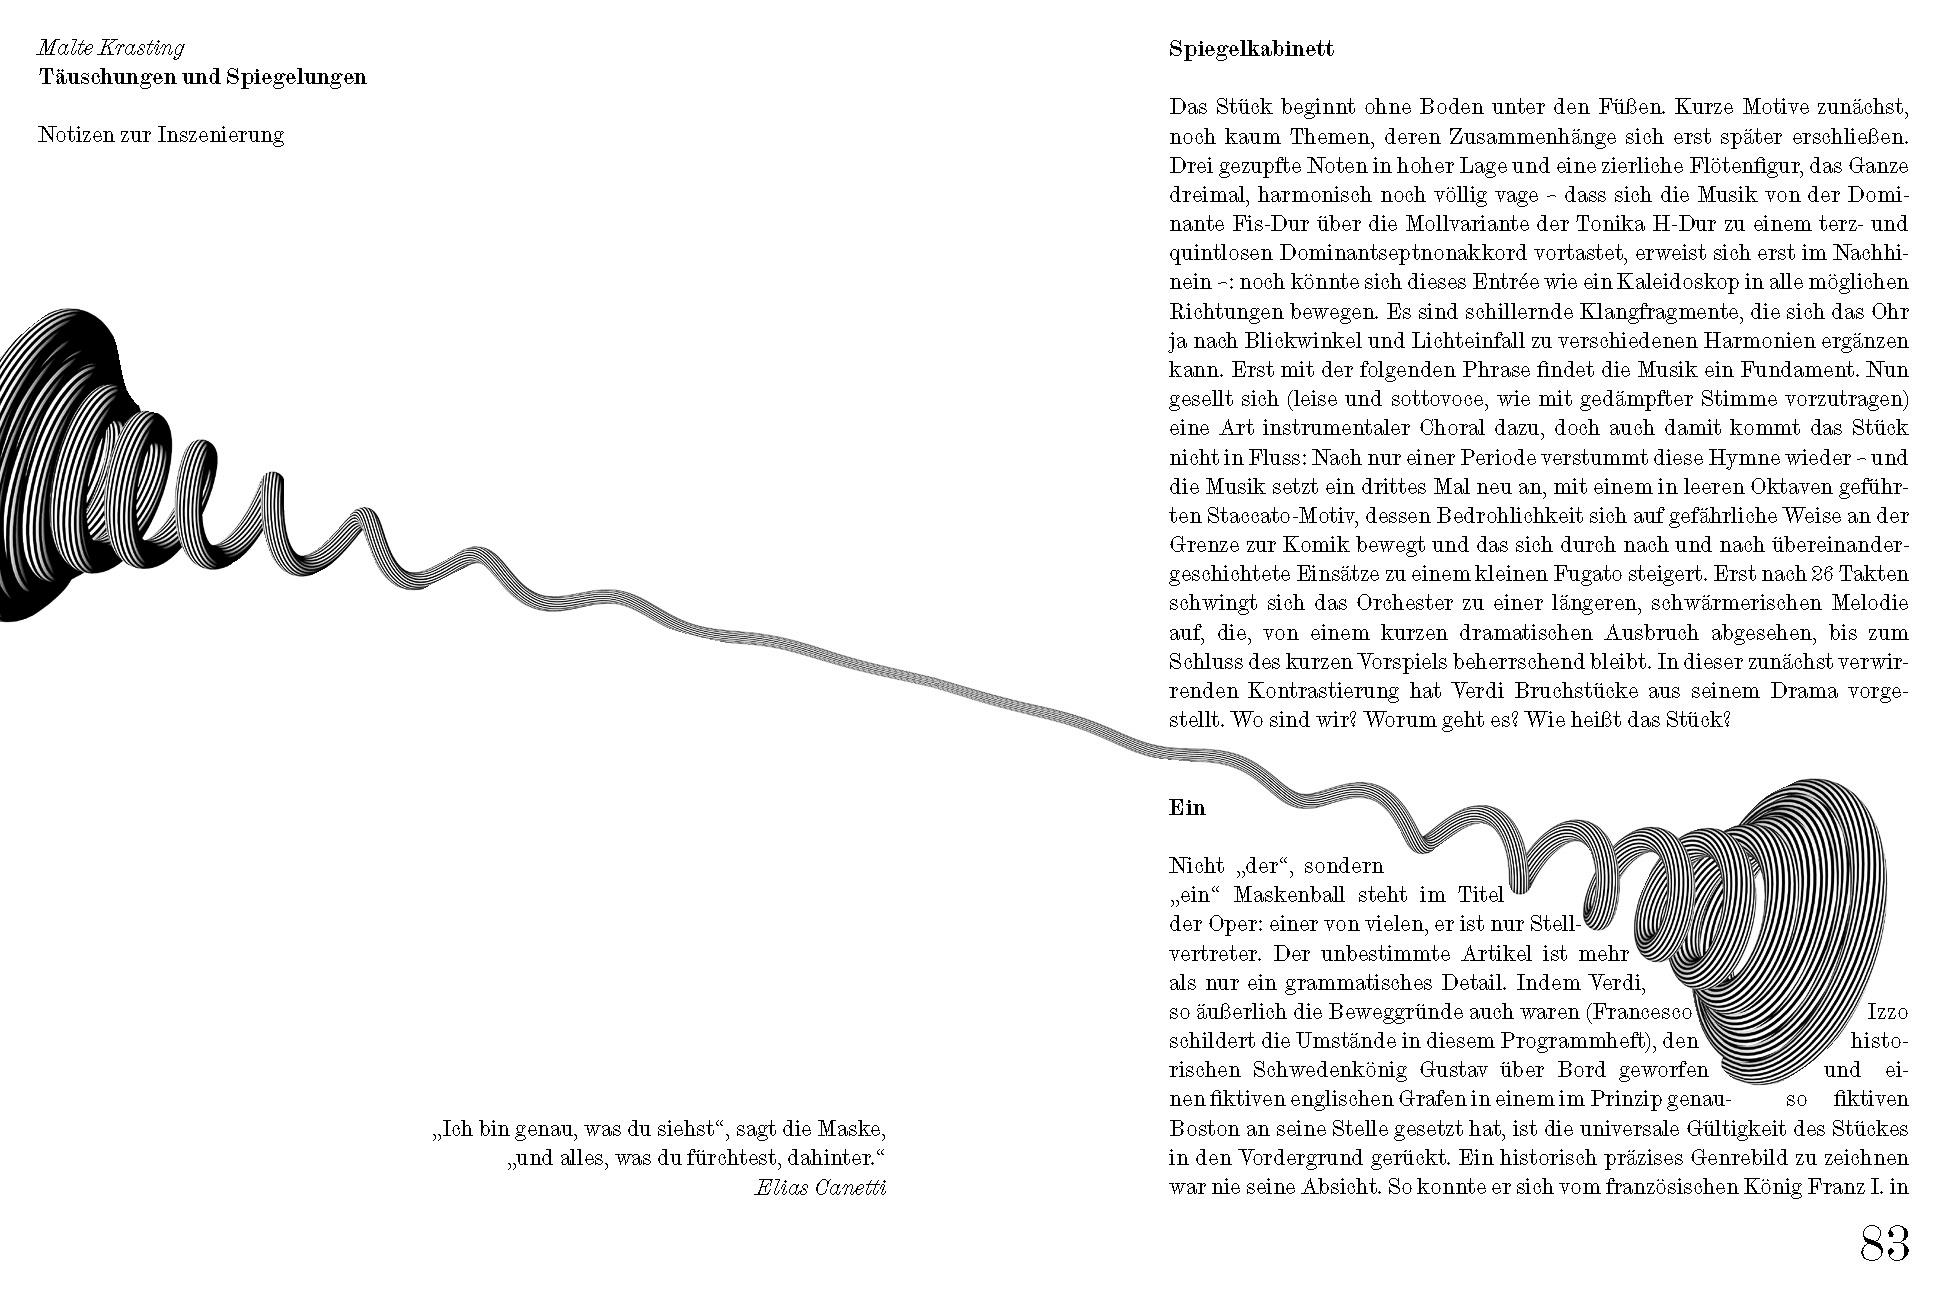 Ballo in maschera by Sanges (19).jpg